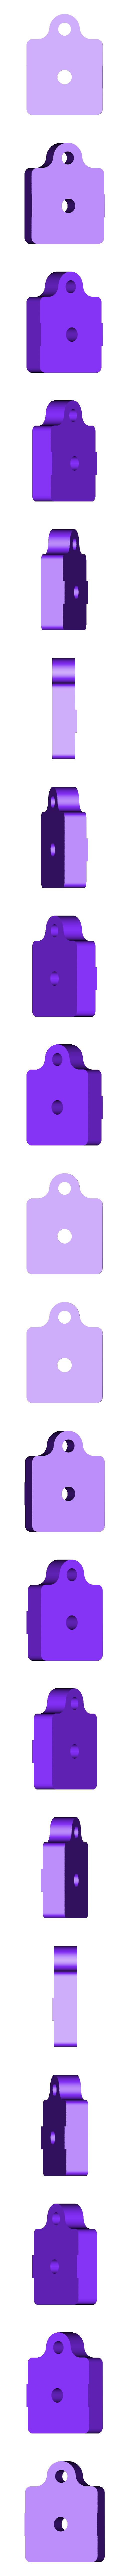 adjustment_support.STL Télécharger fichier STL gratuit Imprimante à pochoir • Objet pour imprimante 3D, perinski